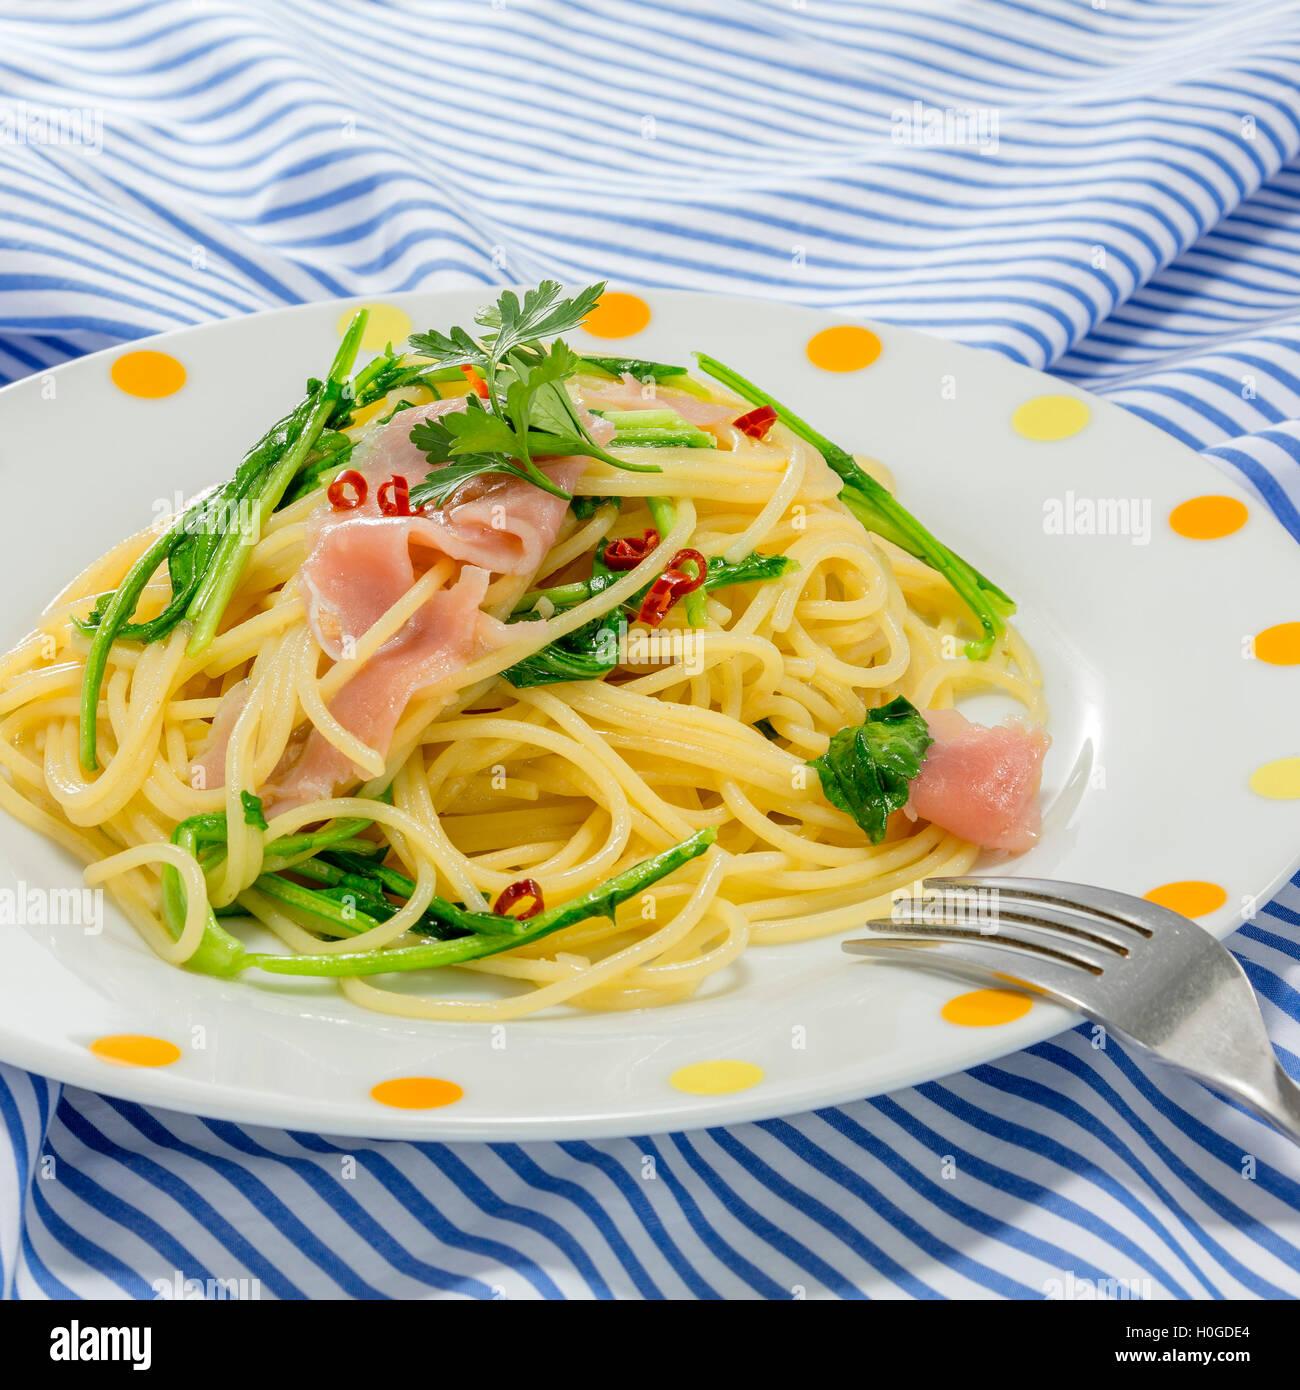 Pâtes et nouilles sautées au porc et légumes sur la nappe Photo Stock